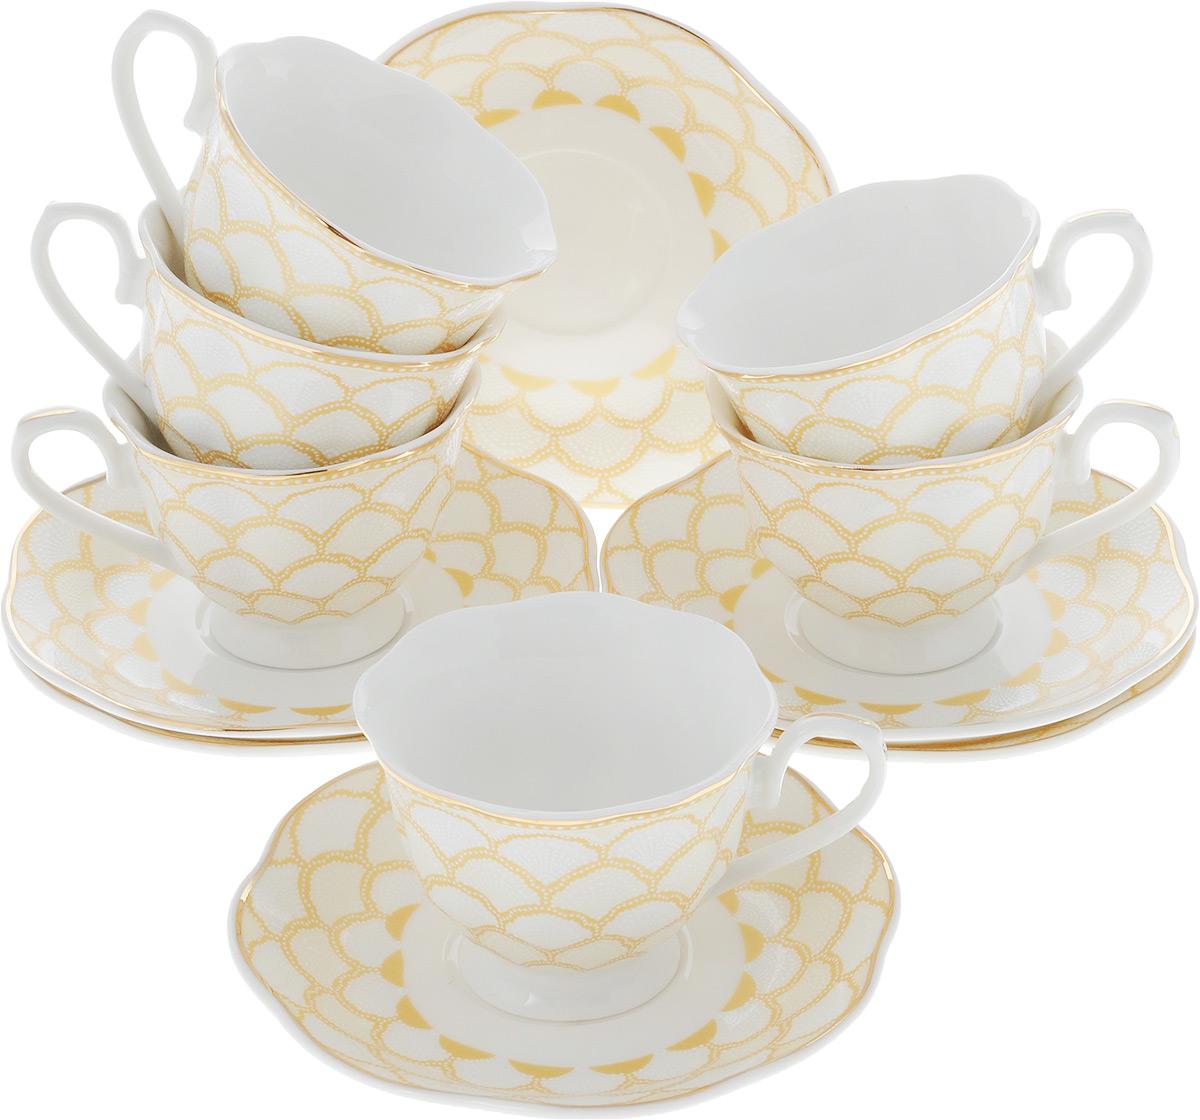 Сервиз кофейный Loraine, 12 предметов, цвет: белый, золотистый. 26444-126444-1Кофейный сервиз Loraine на 6 персон выполнен из высококачественного костяного фарфора - материала, безопасного для здоровья и надолго сохраняющего тепло напитка. В наборе 6 чашек и 6 блюдец. Несмотря на свою внешнюю хрупкость, каждый из предметов набора обладает высокой прочностью и надежностью. Изделия украшены тонкой золотой каймой, внешние стенки дополнены рельефным орнаментом. Элегантный классический дизайн сделает этот набор изысканным украшением любого стола. Набор упакован в подарочную коробку, поэтому его можно преподнести в качестве оригинального и практичного подарка для родных и близких. Подходит для мытья в посудомоечной машине.Объем чашки: 80 мл. Диаметр чашки (по верхнему краю): 7 см. Высота чашки: 5,5 см. Диаметр блюдца: 11,5 см.